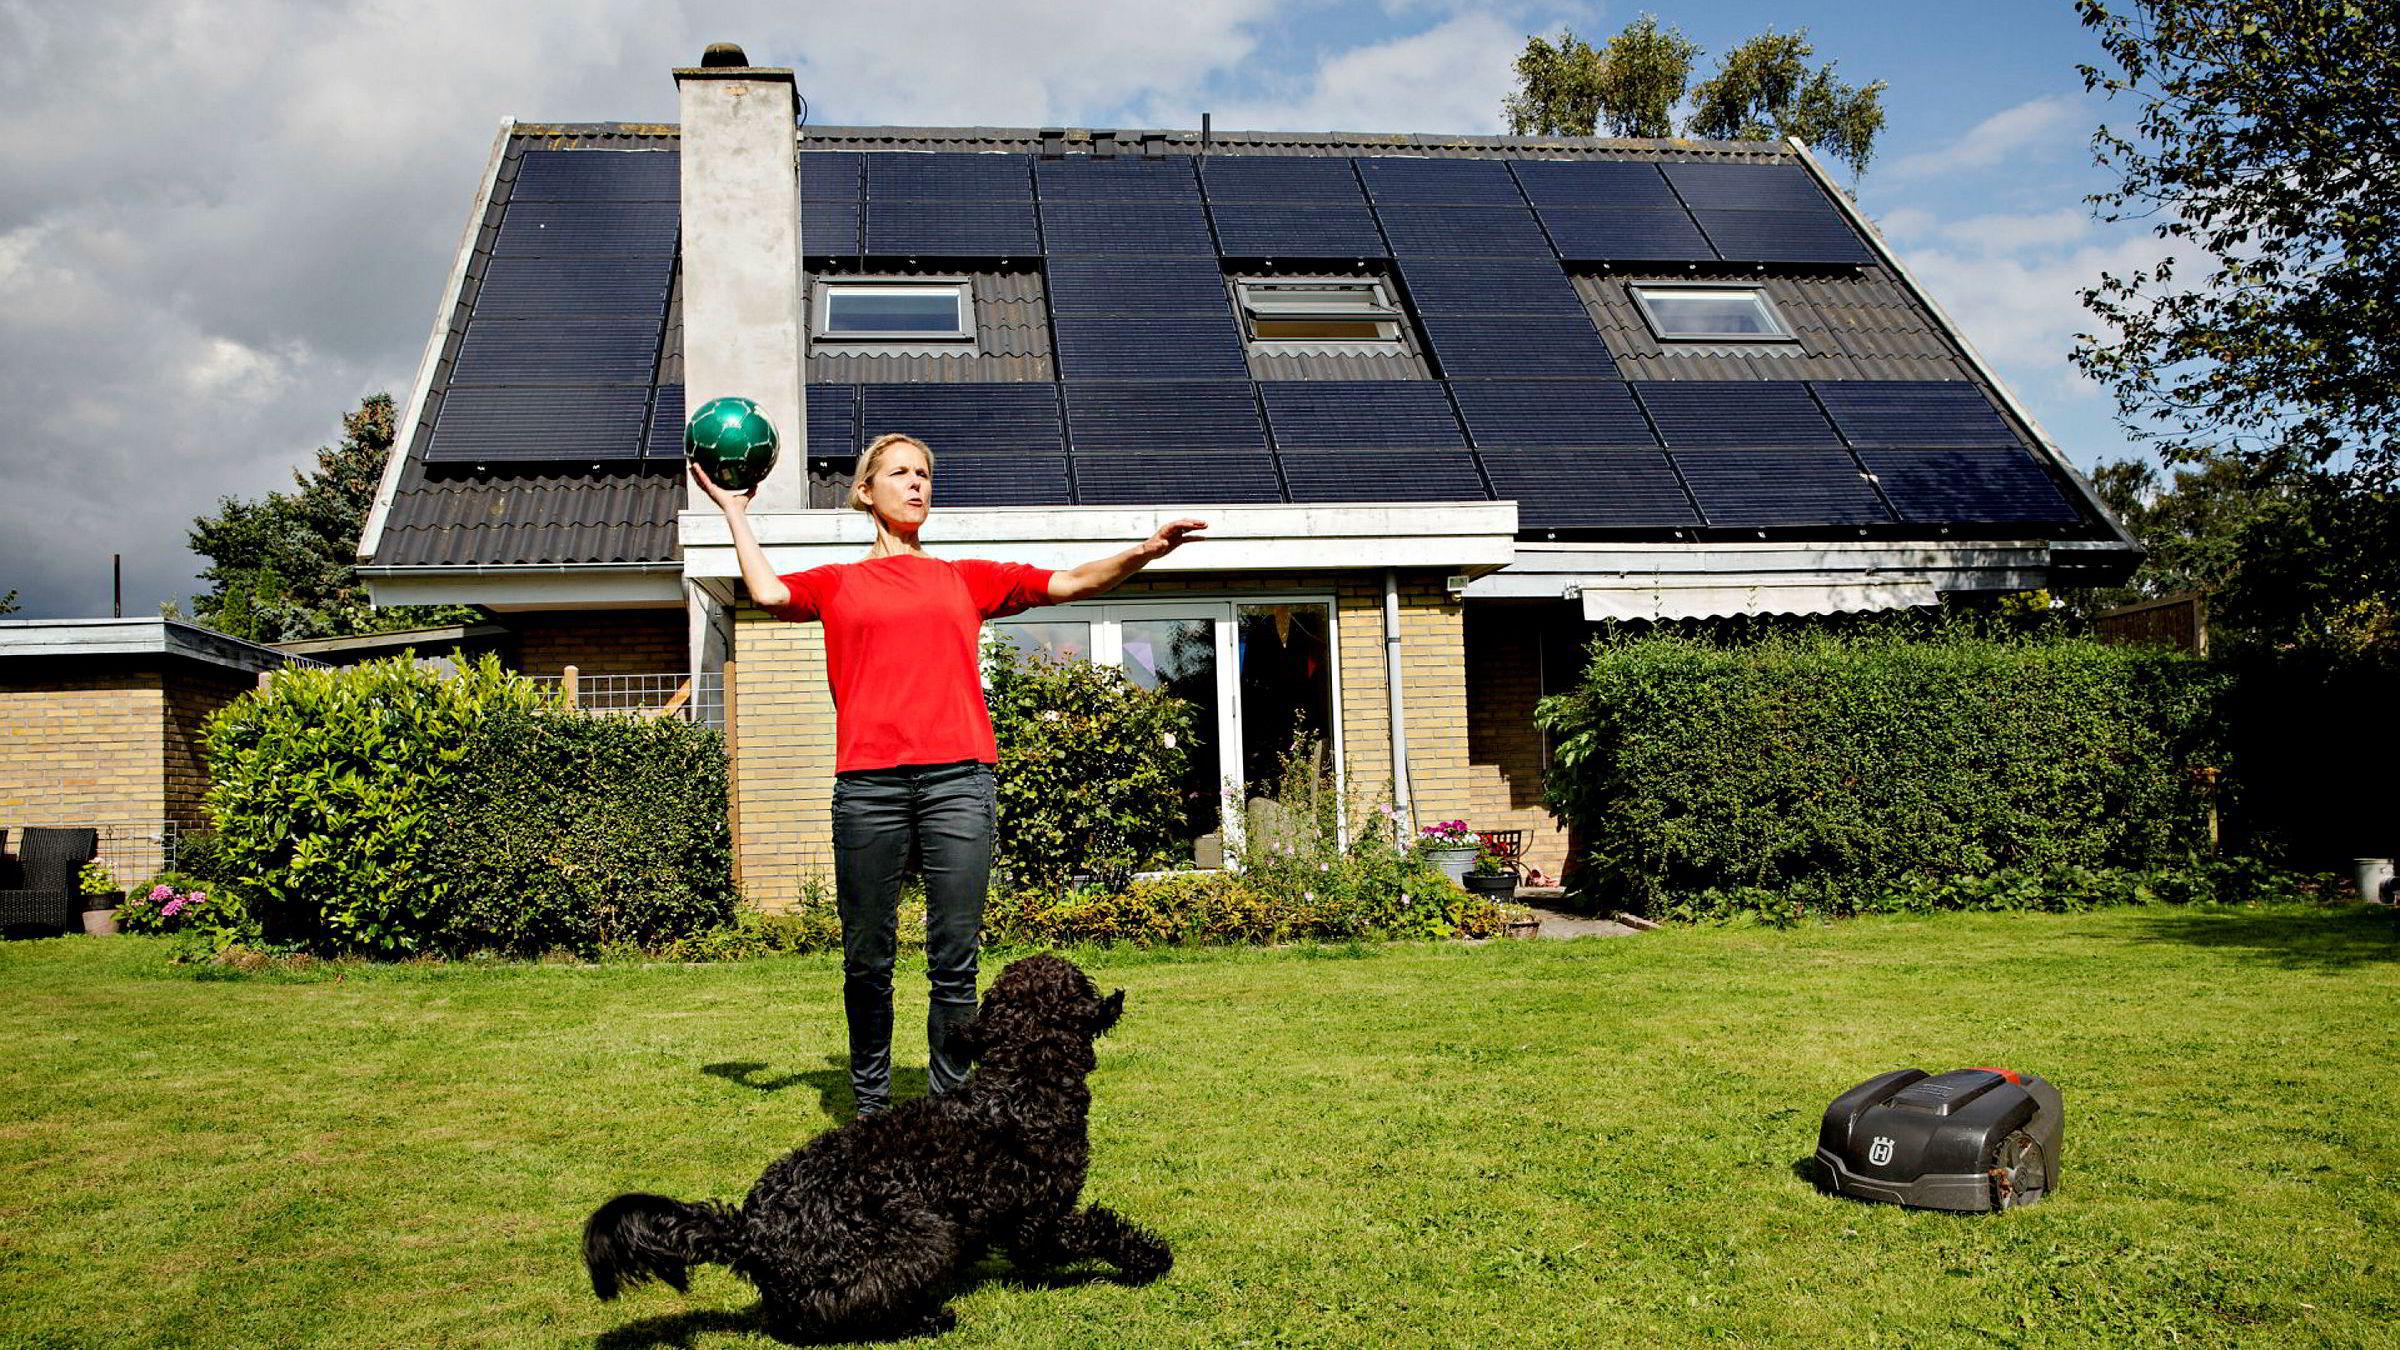 Danske Trine Kolding gir råd om effektivitet og planlegging. Her sammen med hunden Anton utenfor huset sitt i Tune i Danmark.